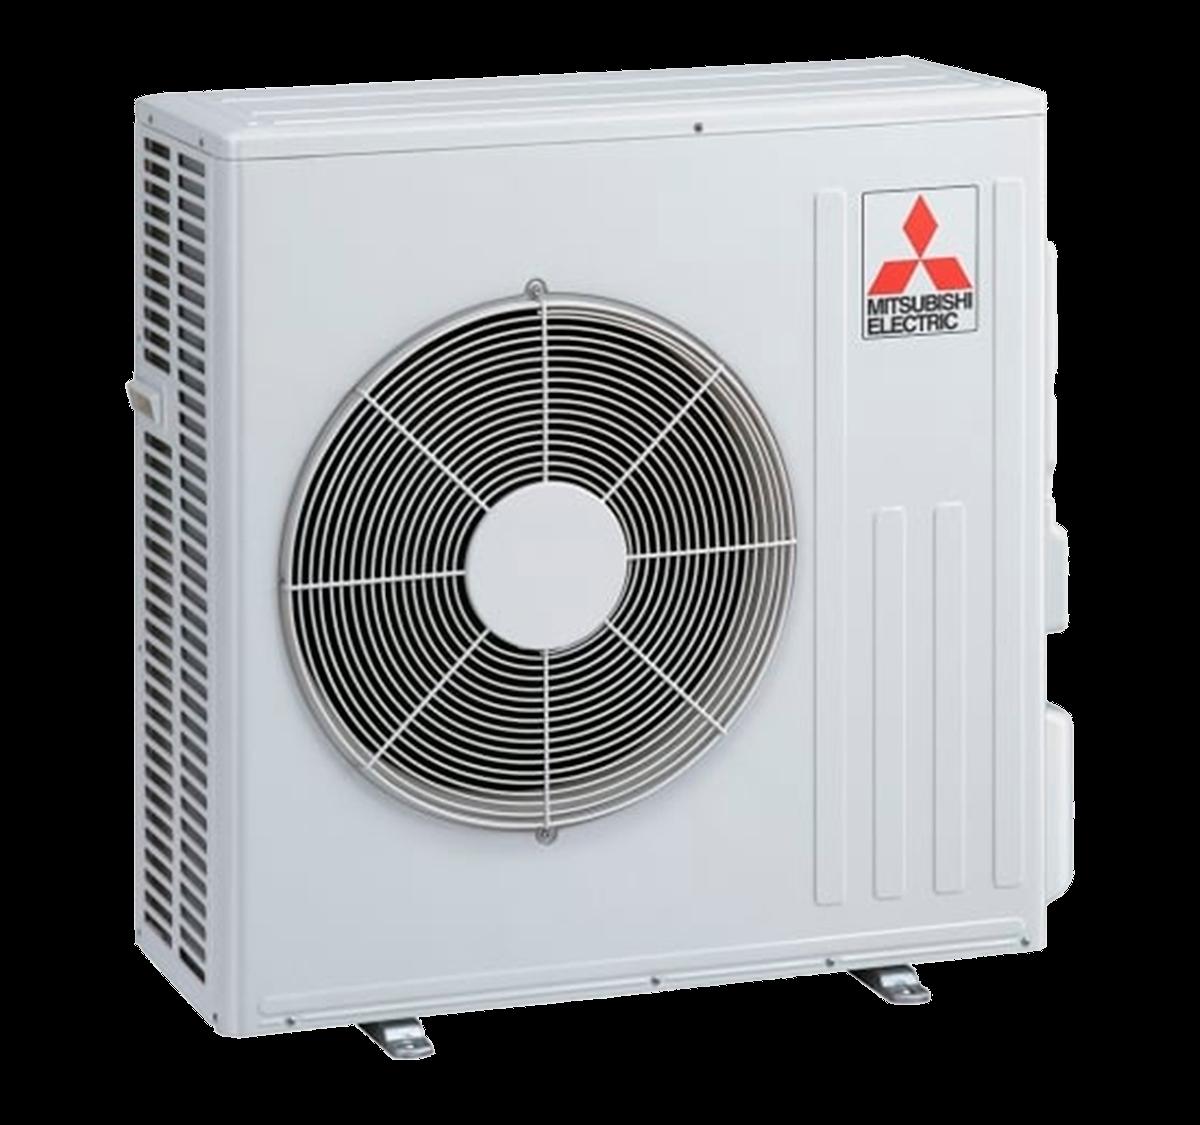 aire acondicionado unidad exterior mitsubishi electric inverter muz ln60vg serie kirigamine style modelo msz ln60vgw precio incluido instalacion caseragua 01